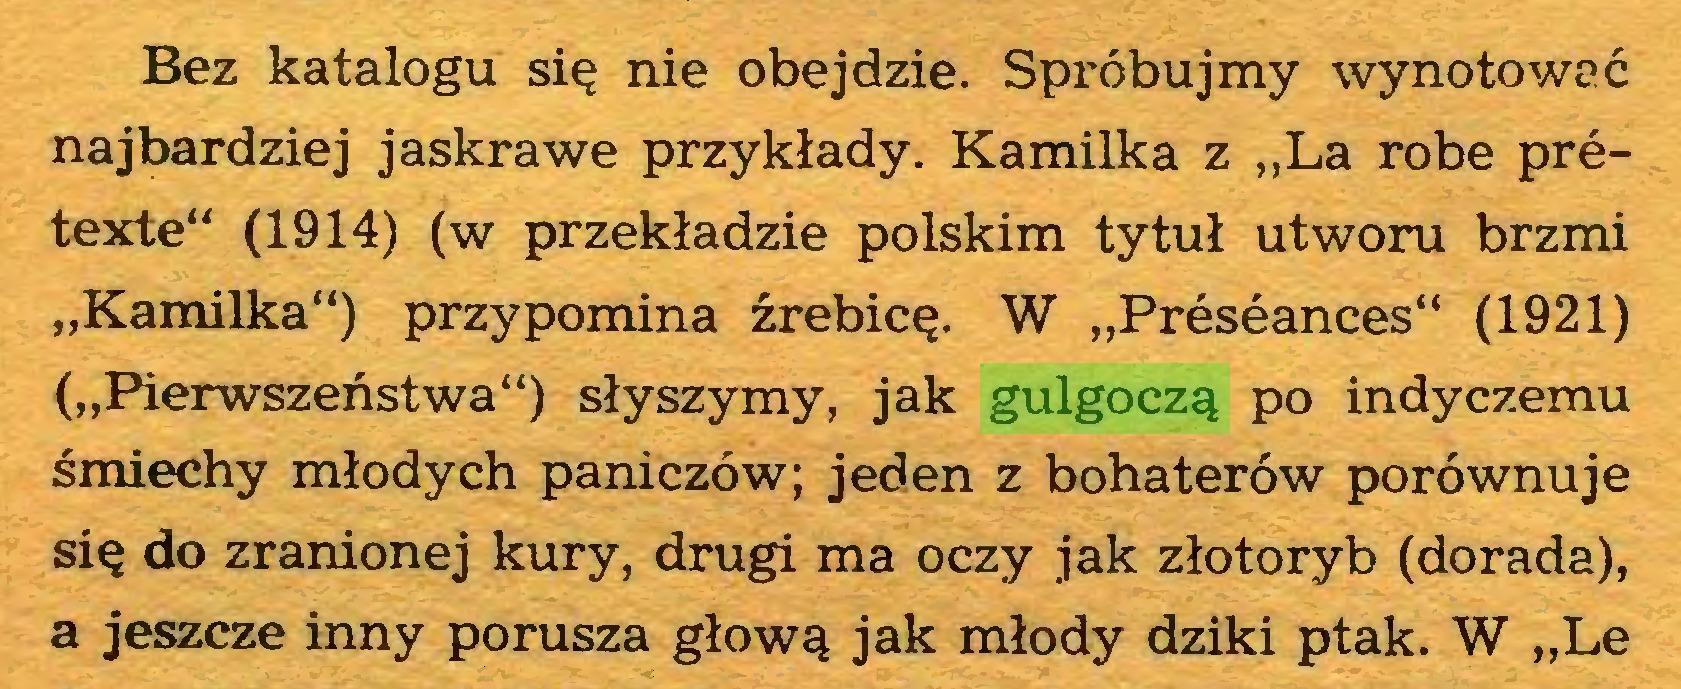 """(...) Bez katalogu się nie obejdzie. Spróbujmy wynotować najbardziej jaskrawe przykłady. Kamilka z """"La robe prétexte"""" (1914) (w przekładzie polskim tytuł utworu brzmi """"Kamilka"""") przypomina źrebicę. W """"Préséances"""" (1921) (""""Pierwszeństwa"""") słyszymy, jak gulgoczą po indyczemu śmiechy młodych paniczów; jeden z bohaterów porównuje się do zranionej kury, drugi ma oczy jak złotoryb (dorada), a jeszcze inny porusza głową jak młody dziki ptak. W """"Le..."""